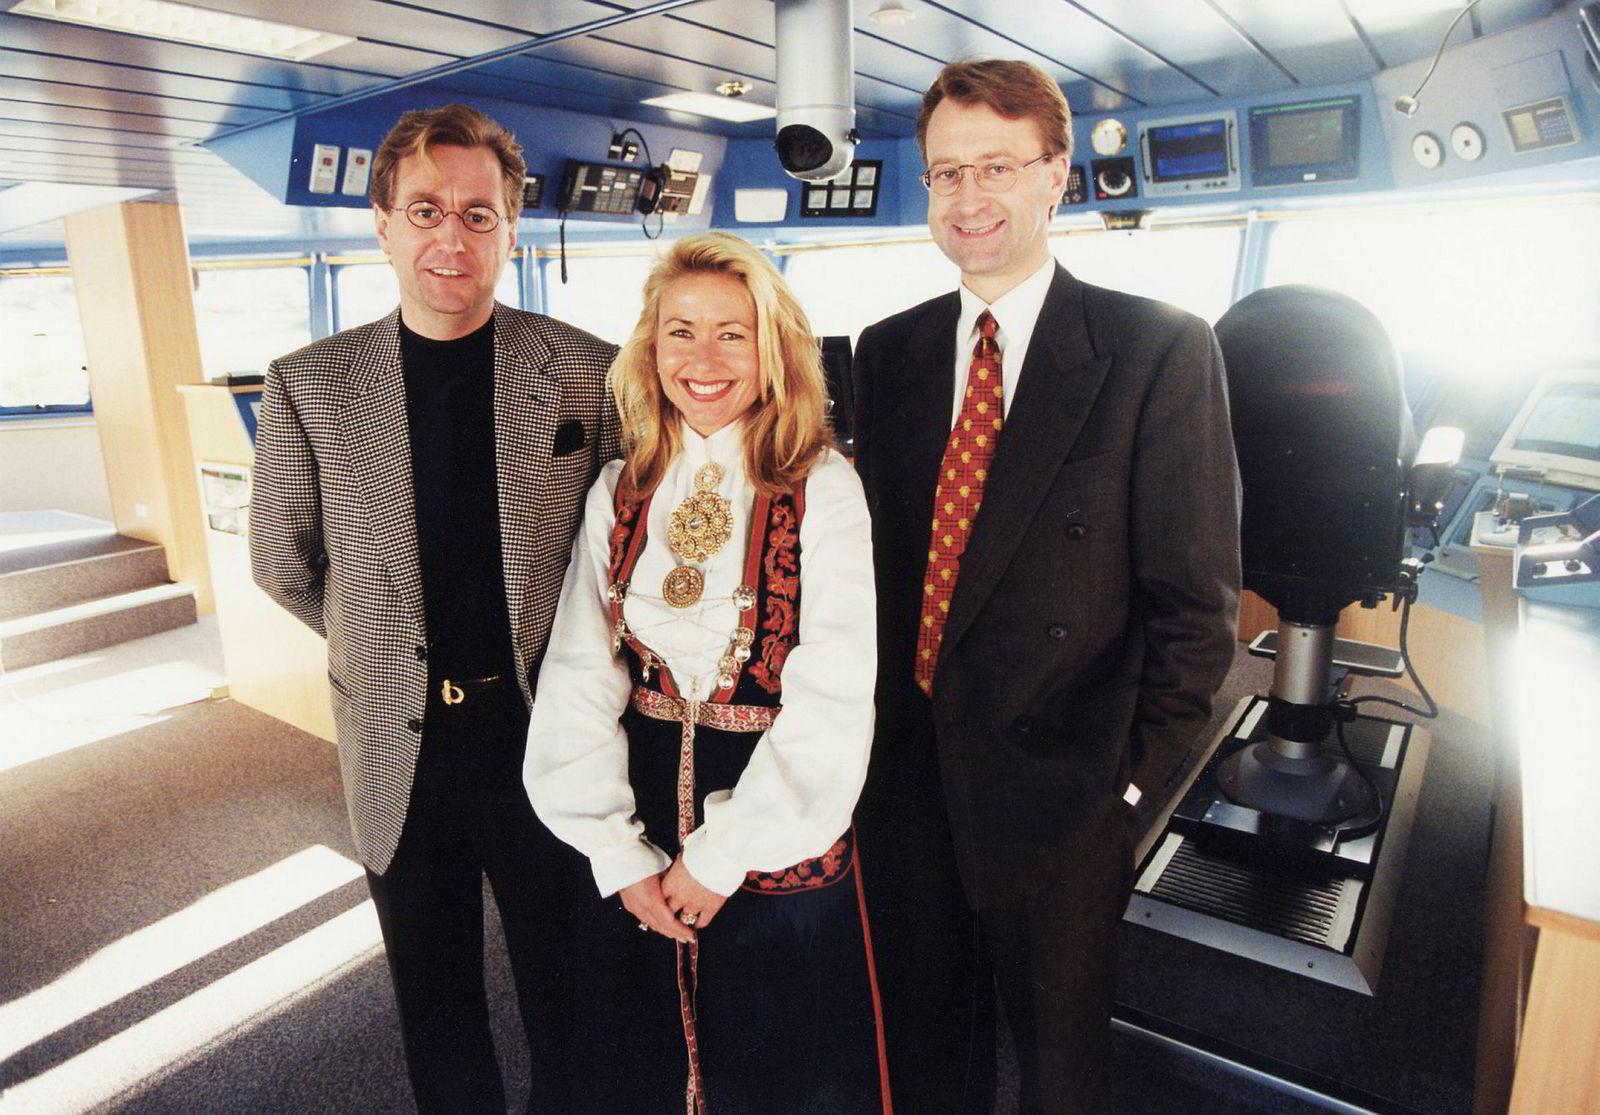 Kjell Inge Røkke, Kristin Aanderud-Larsen og Bjørn Rune Gjelsten på broen ved dåpen av «American Monarch» på Langsten oktober 1994. Røkke i en moteriktig grå blazer.